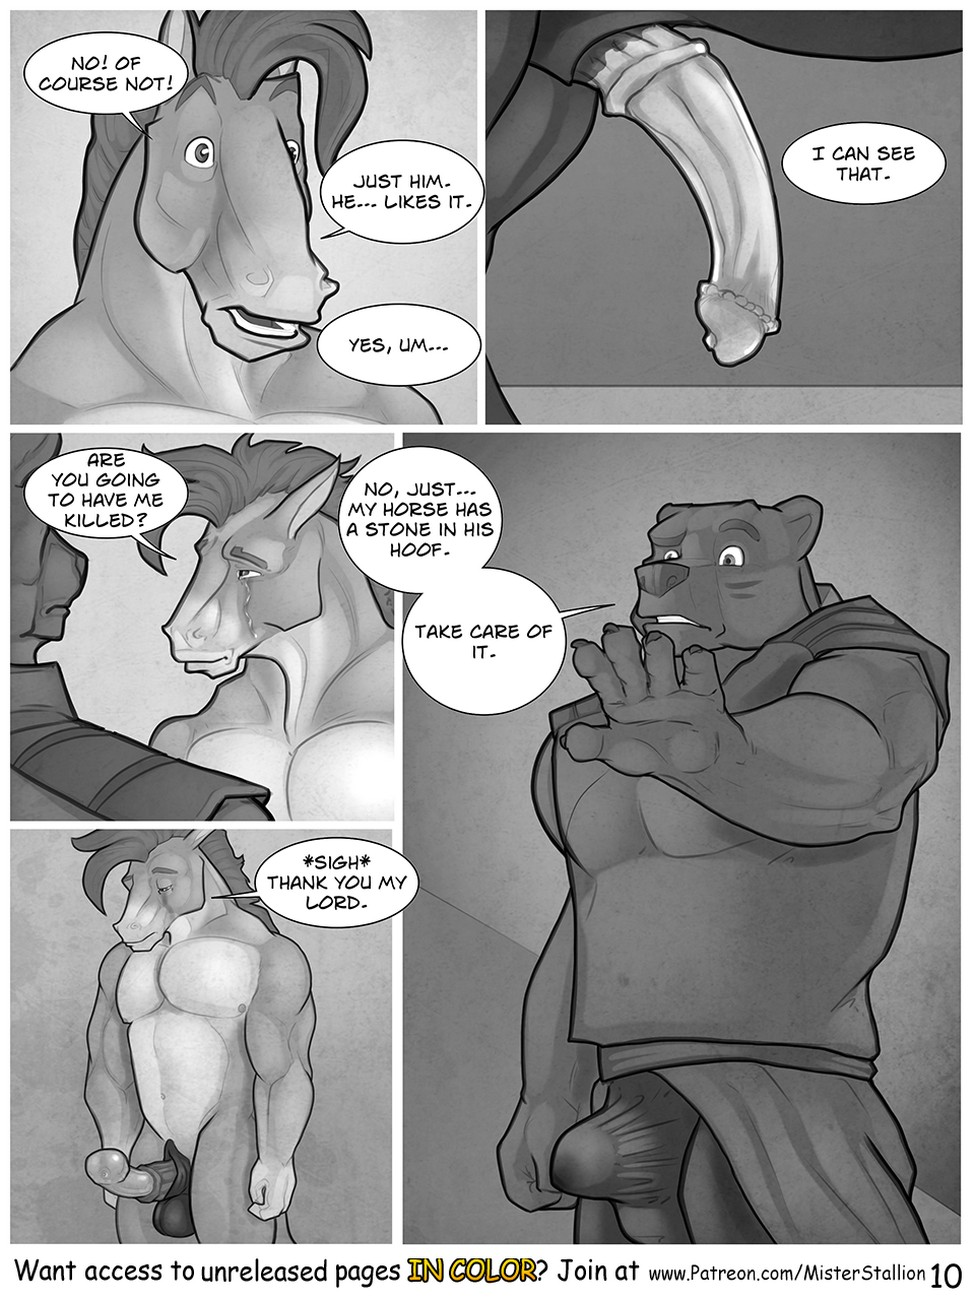 Furry Gay Horse Porn forest fires 1 comic porn - hd porn comics